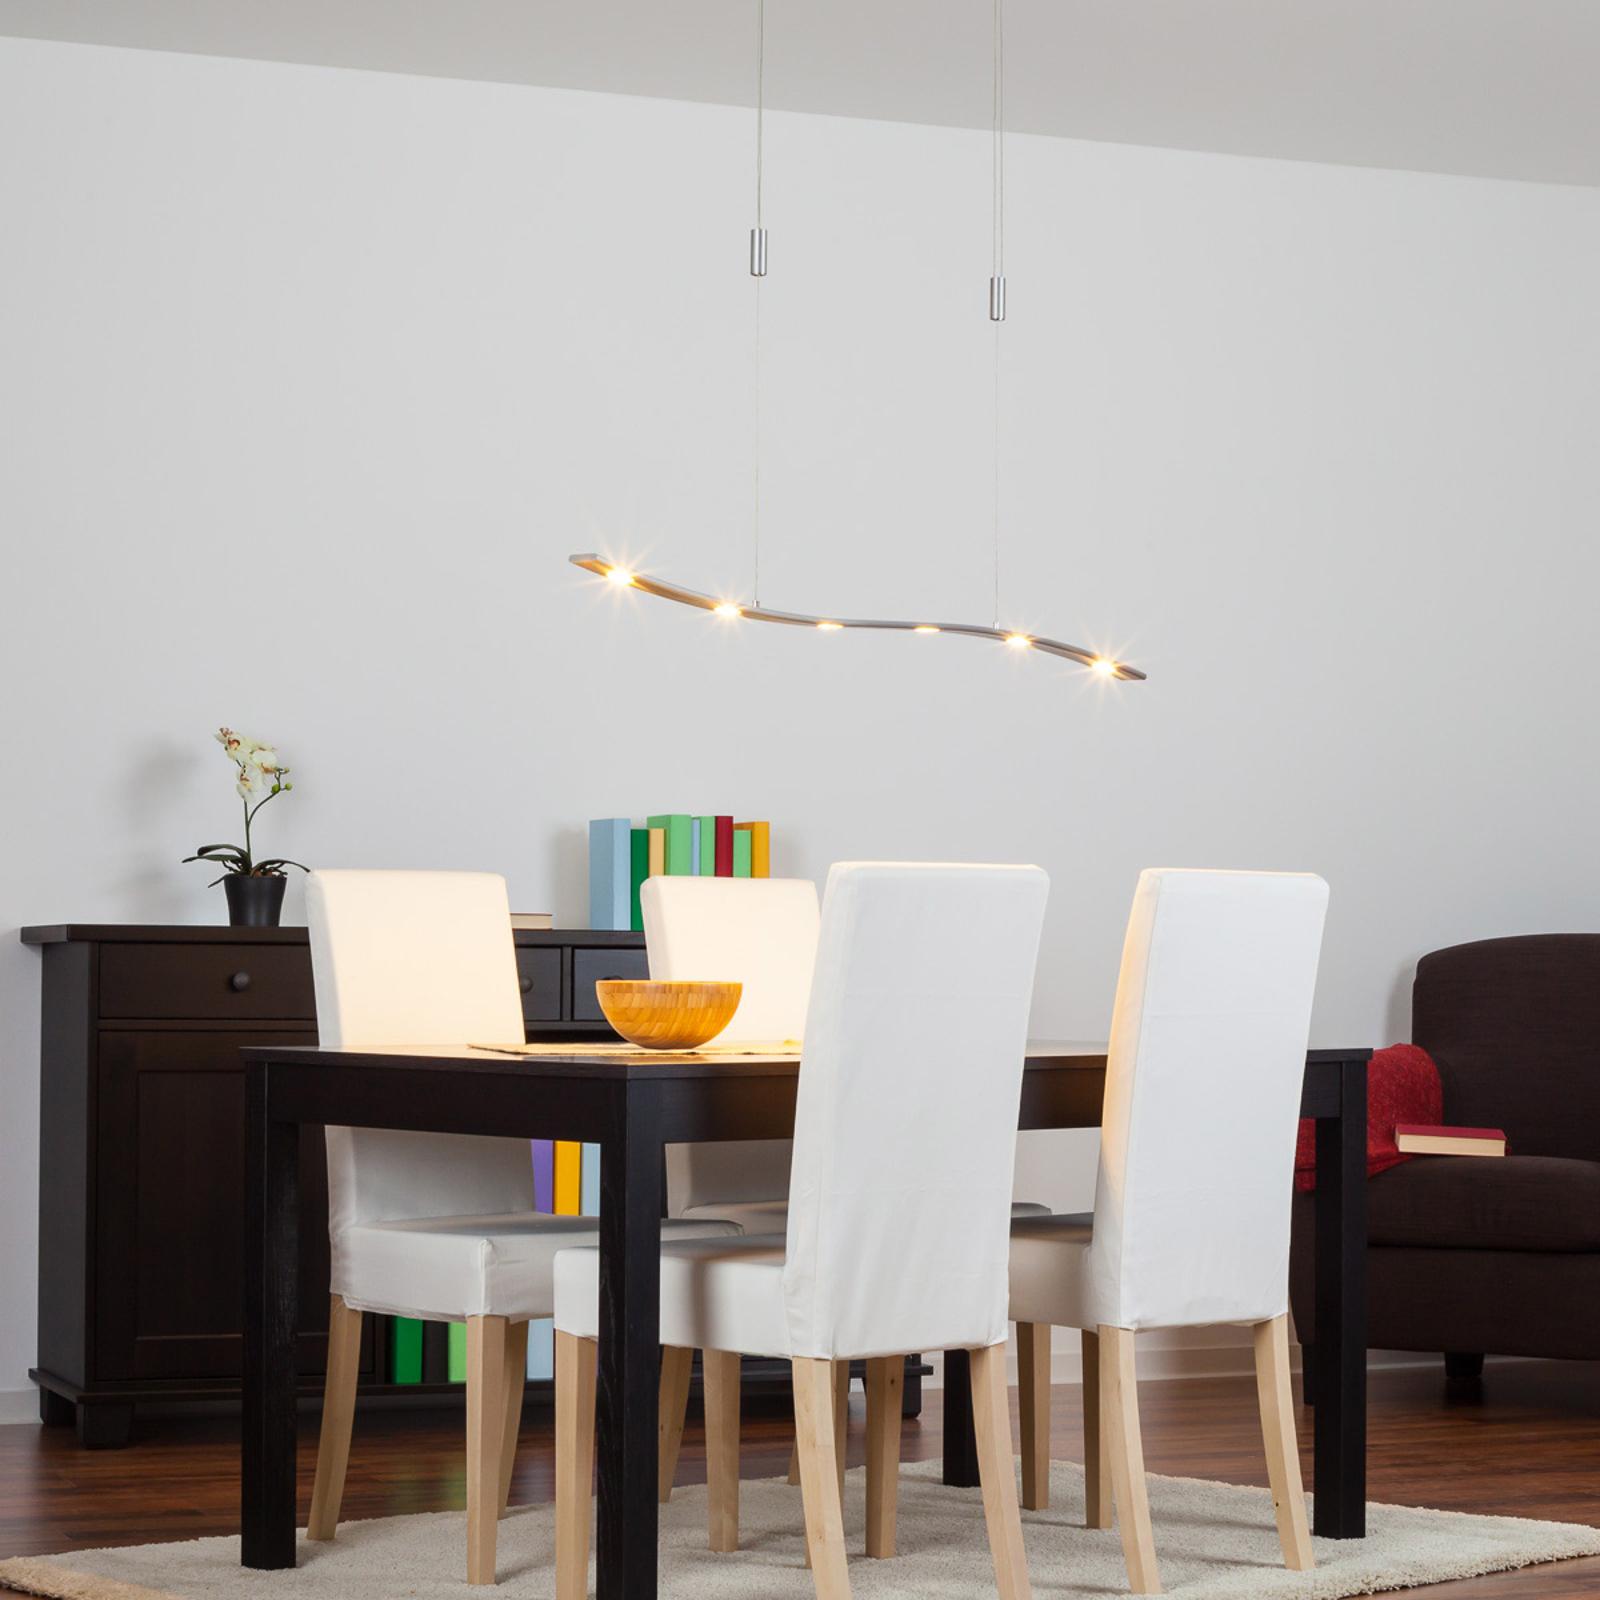 Höhenverstellbare LED-Hängeleuchte Xalu, 120 cm